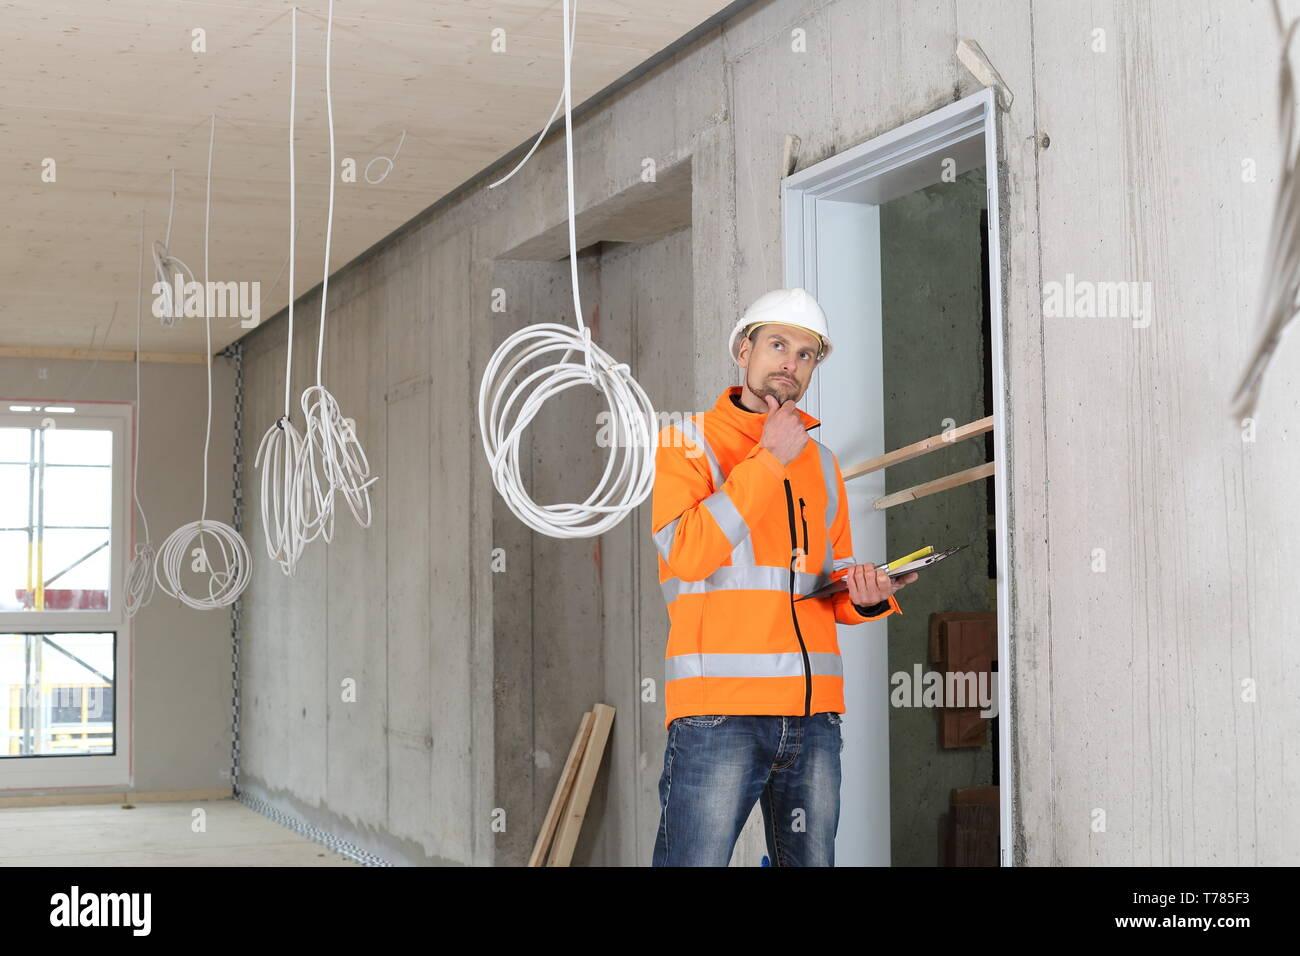 A Critical construction expert appraiser checking a constructin site - Stock Image